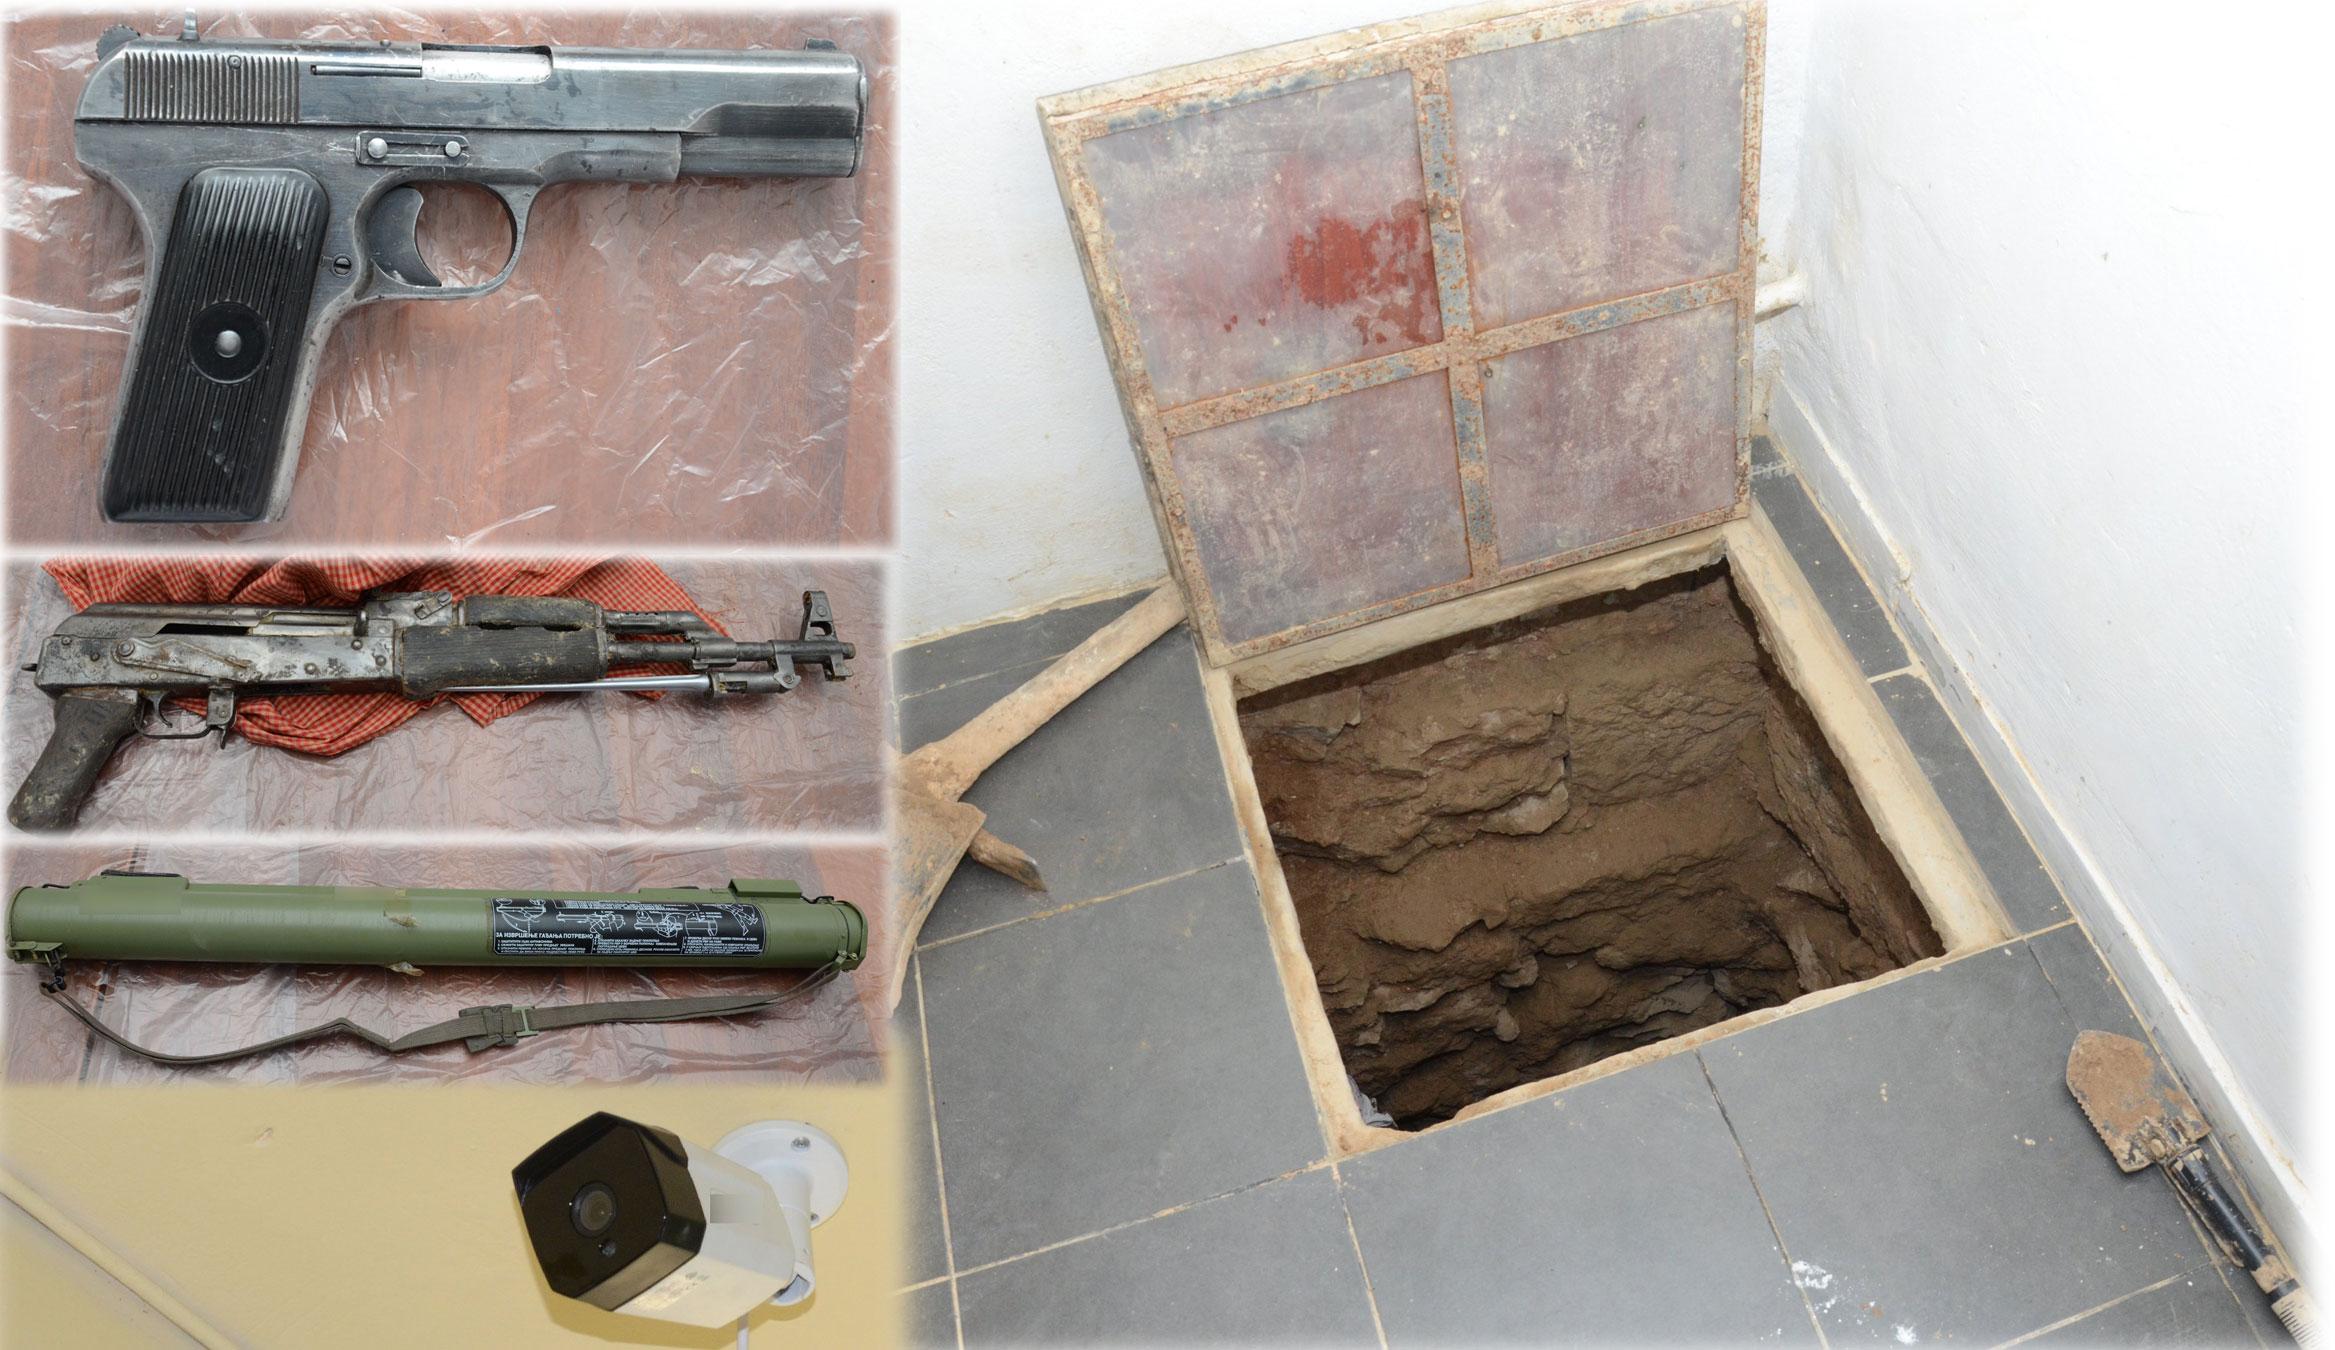 """Τι βρέθηκε στο τούνελ των 47 μέτρων στα Σεπόλια! Ο """"παλιός γνώριμος"""" και τα όπλα"""